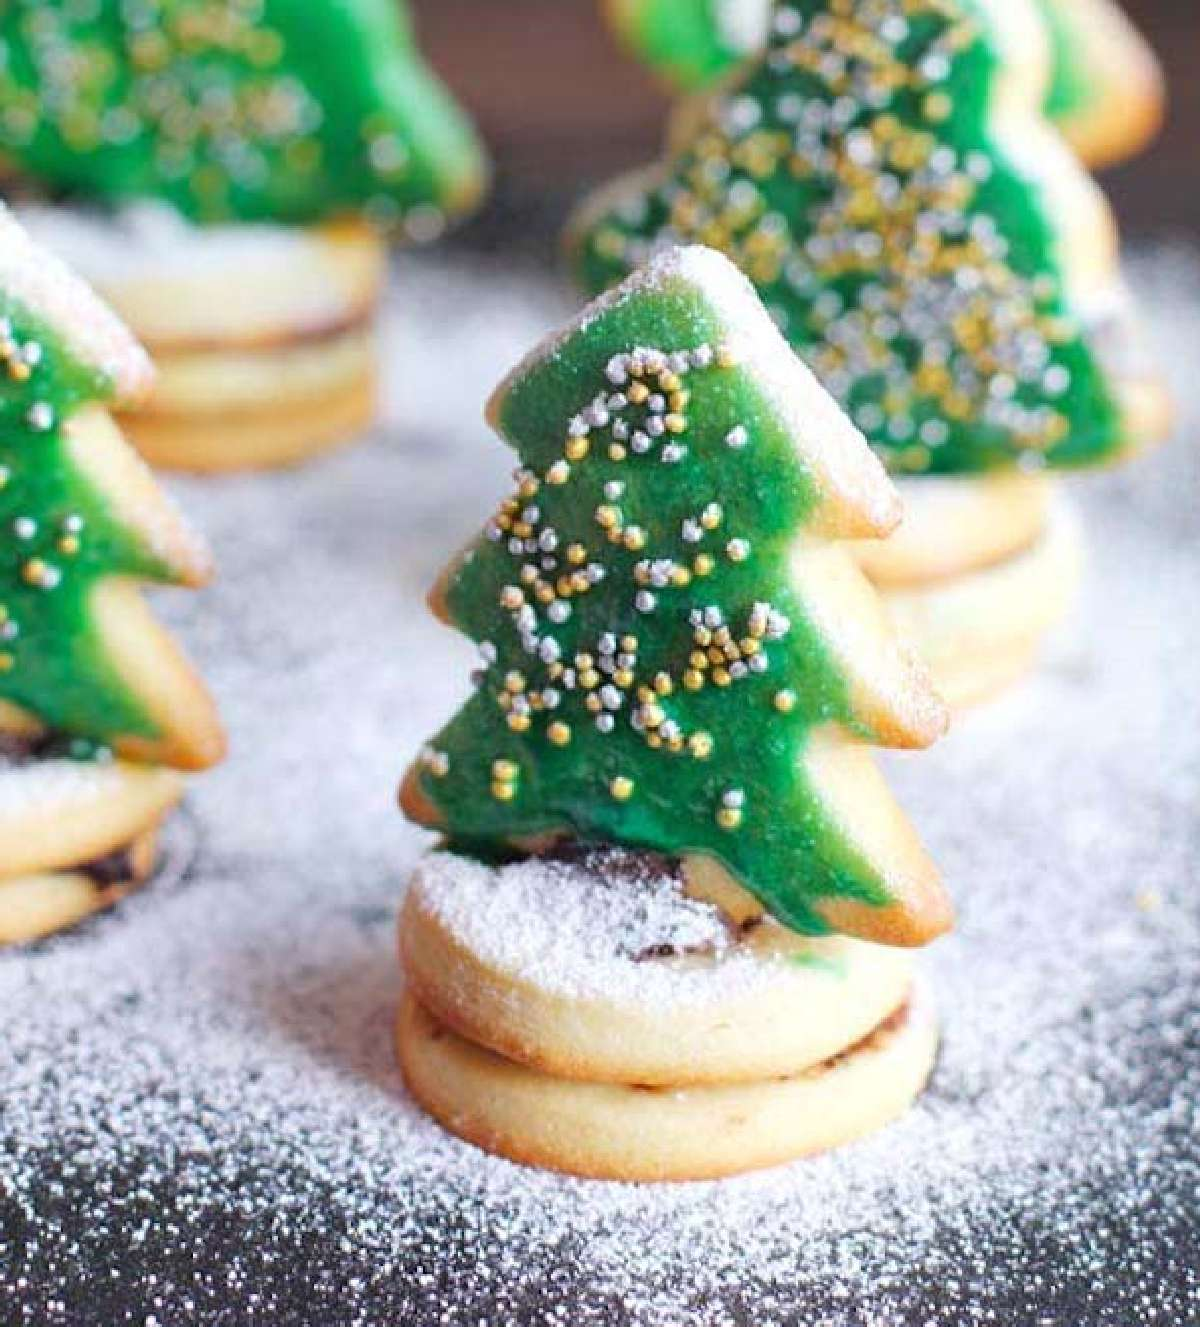 Recetas de galletas navideñas sencillas y sorprendentes 6